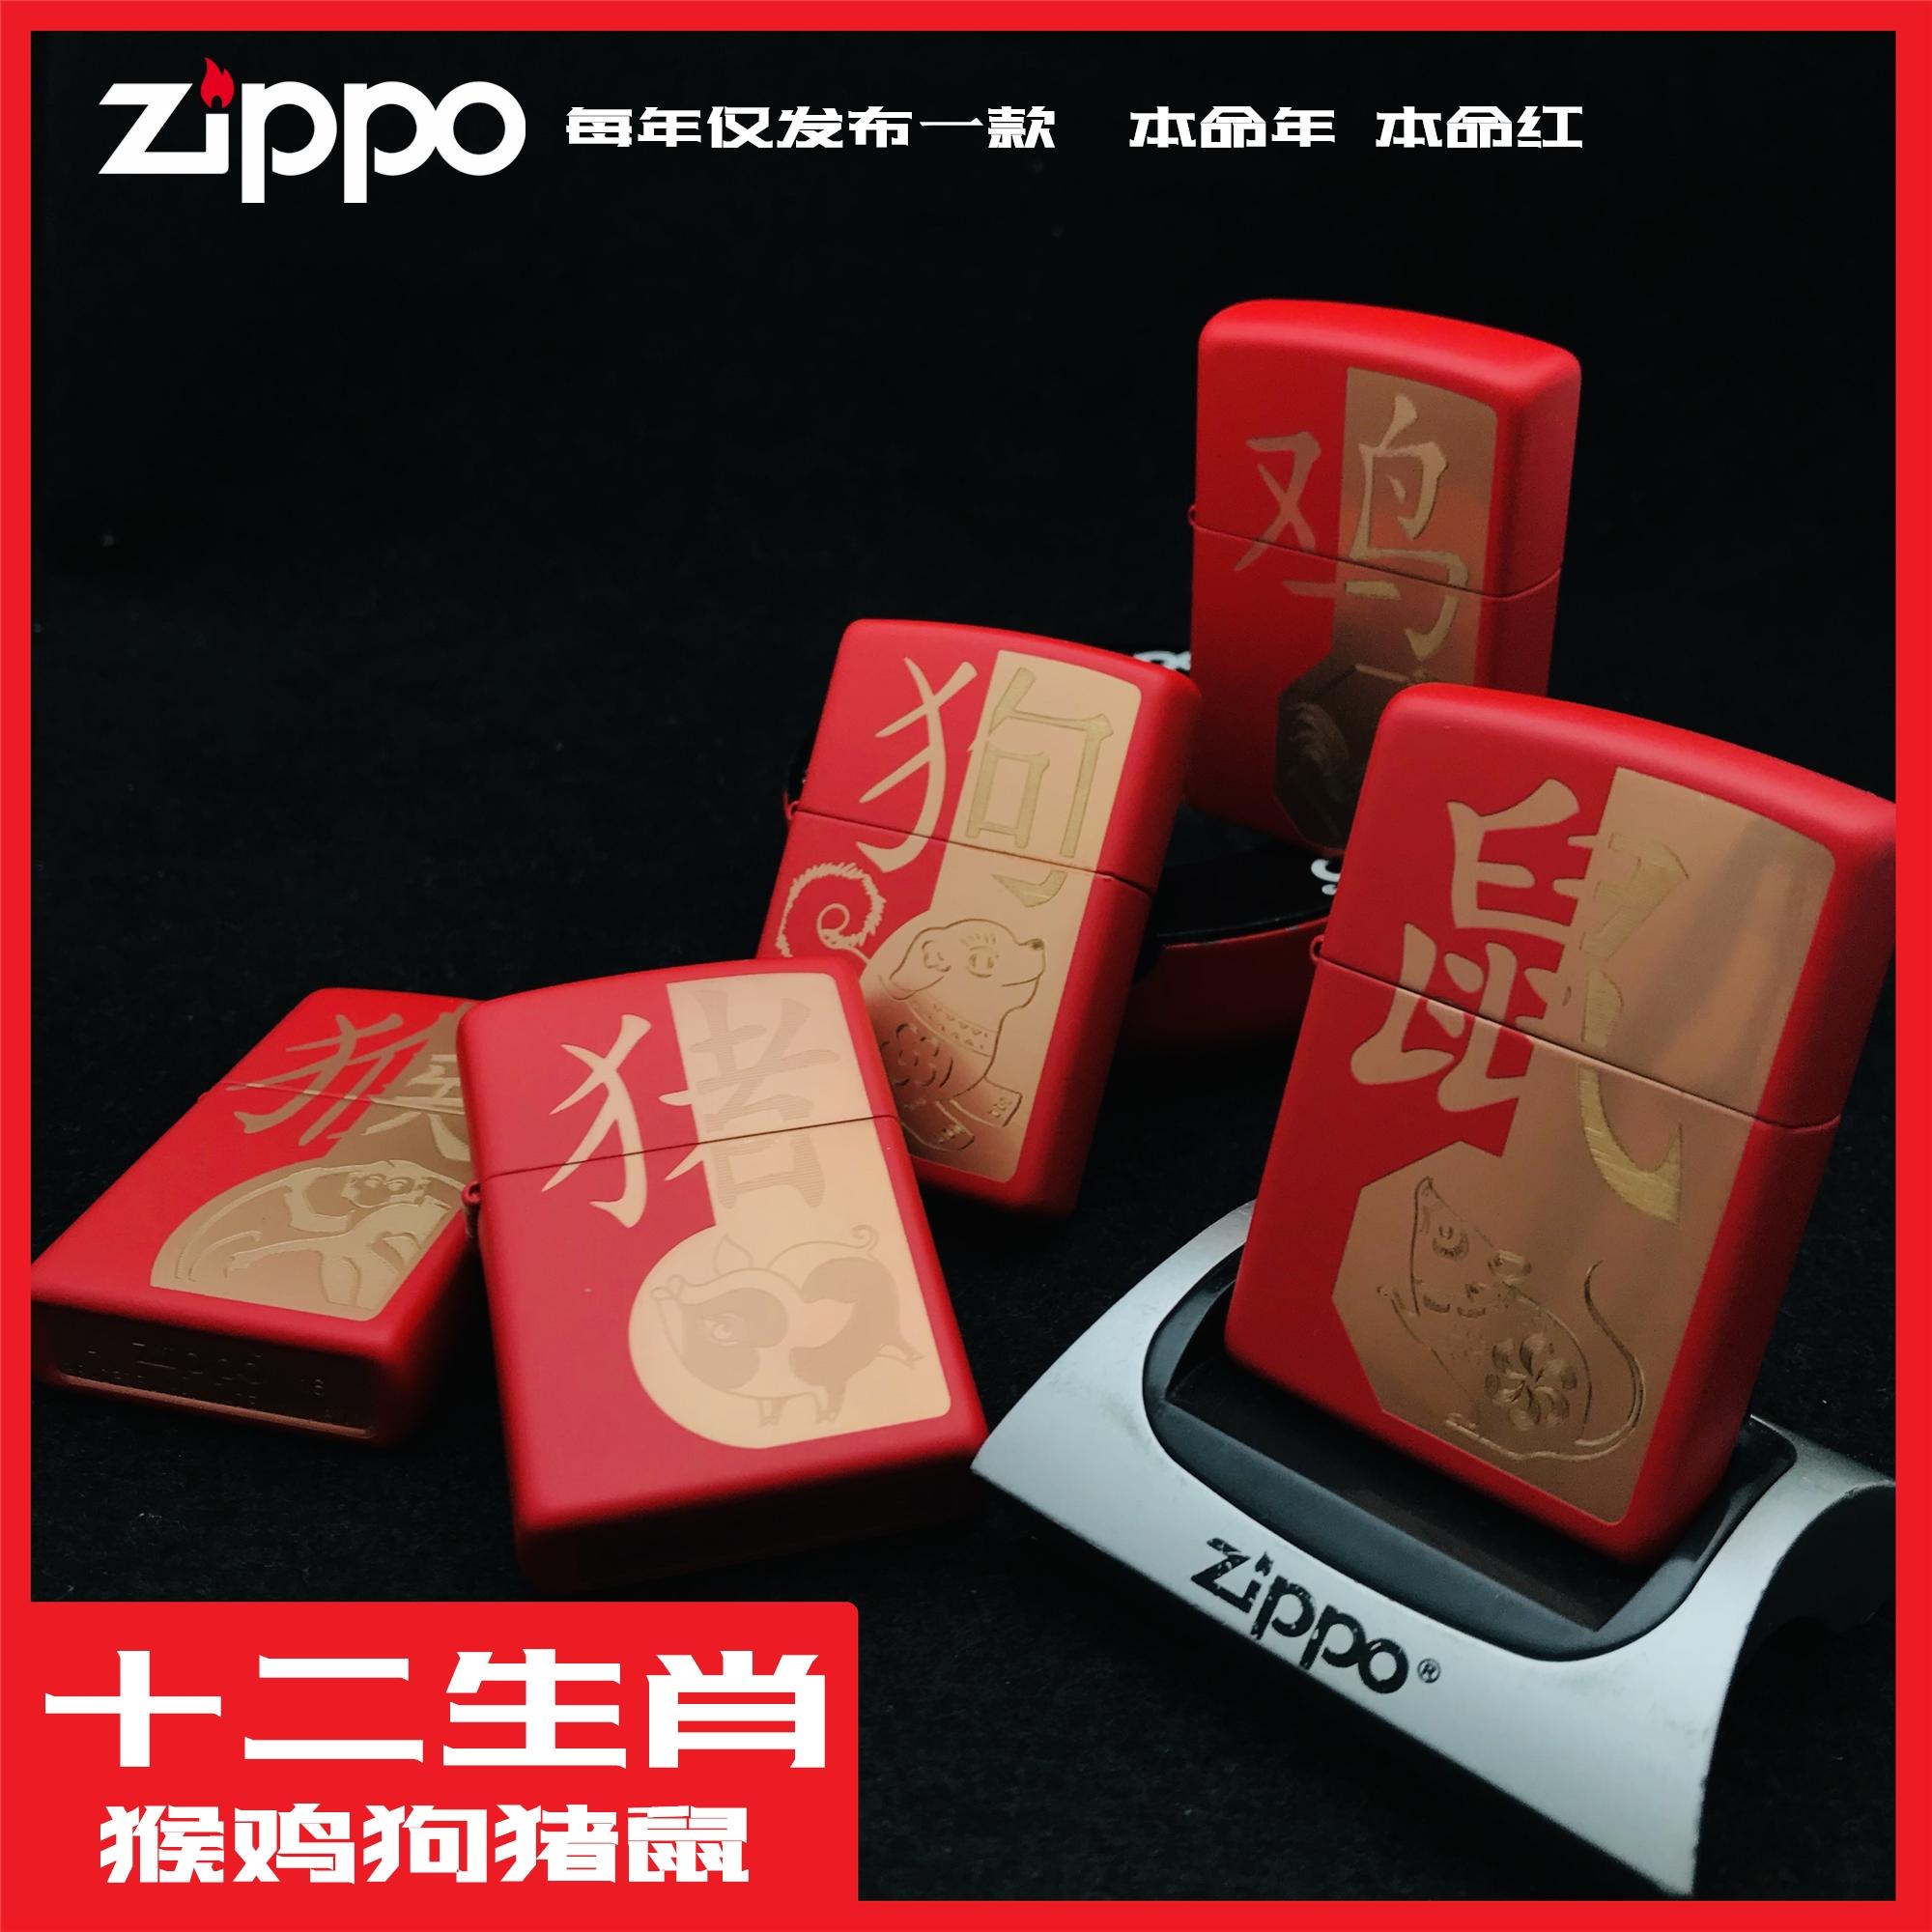 【凌乱Zippo】十二生肖 本命年 生肖猴 鸡 狗 猪 鼠 红哑漆官方版